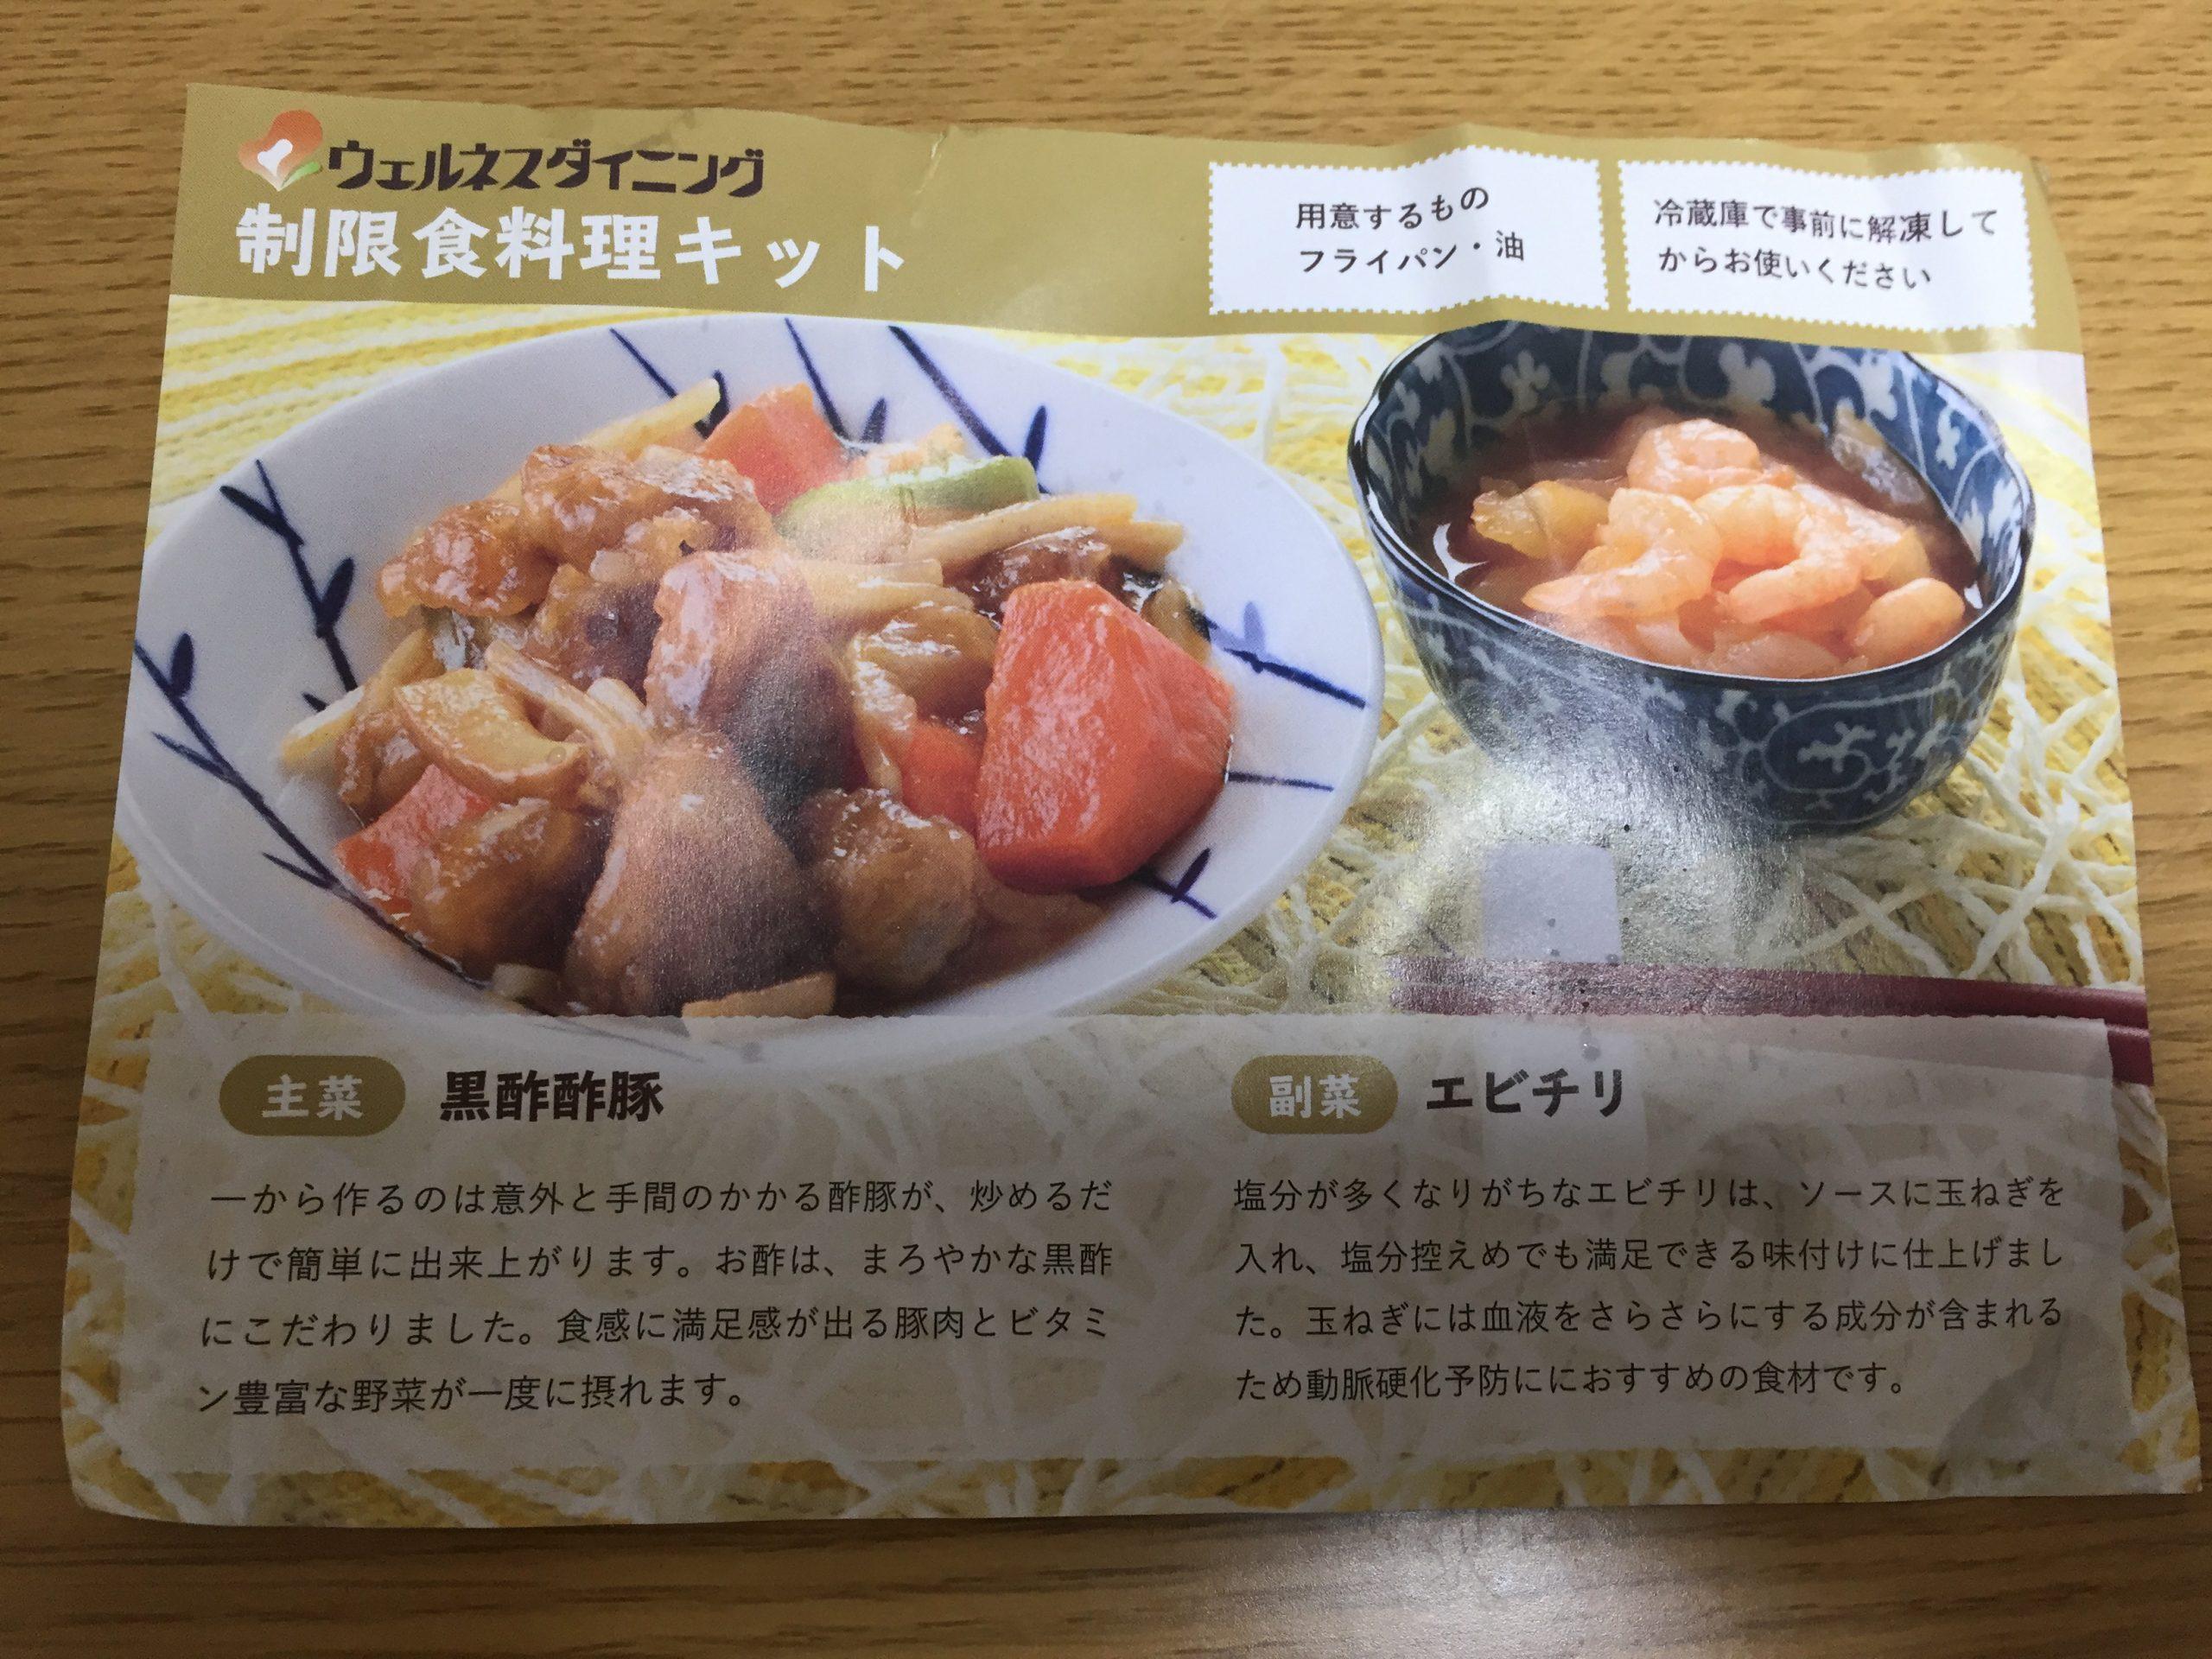 ミールキット黒酢酢豚のおかずの種類